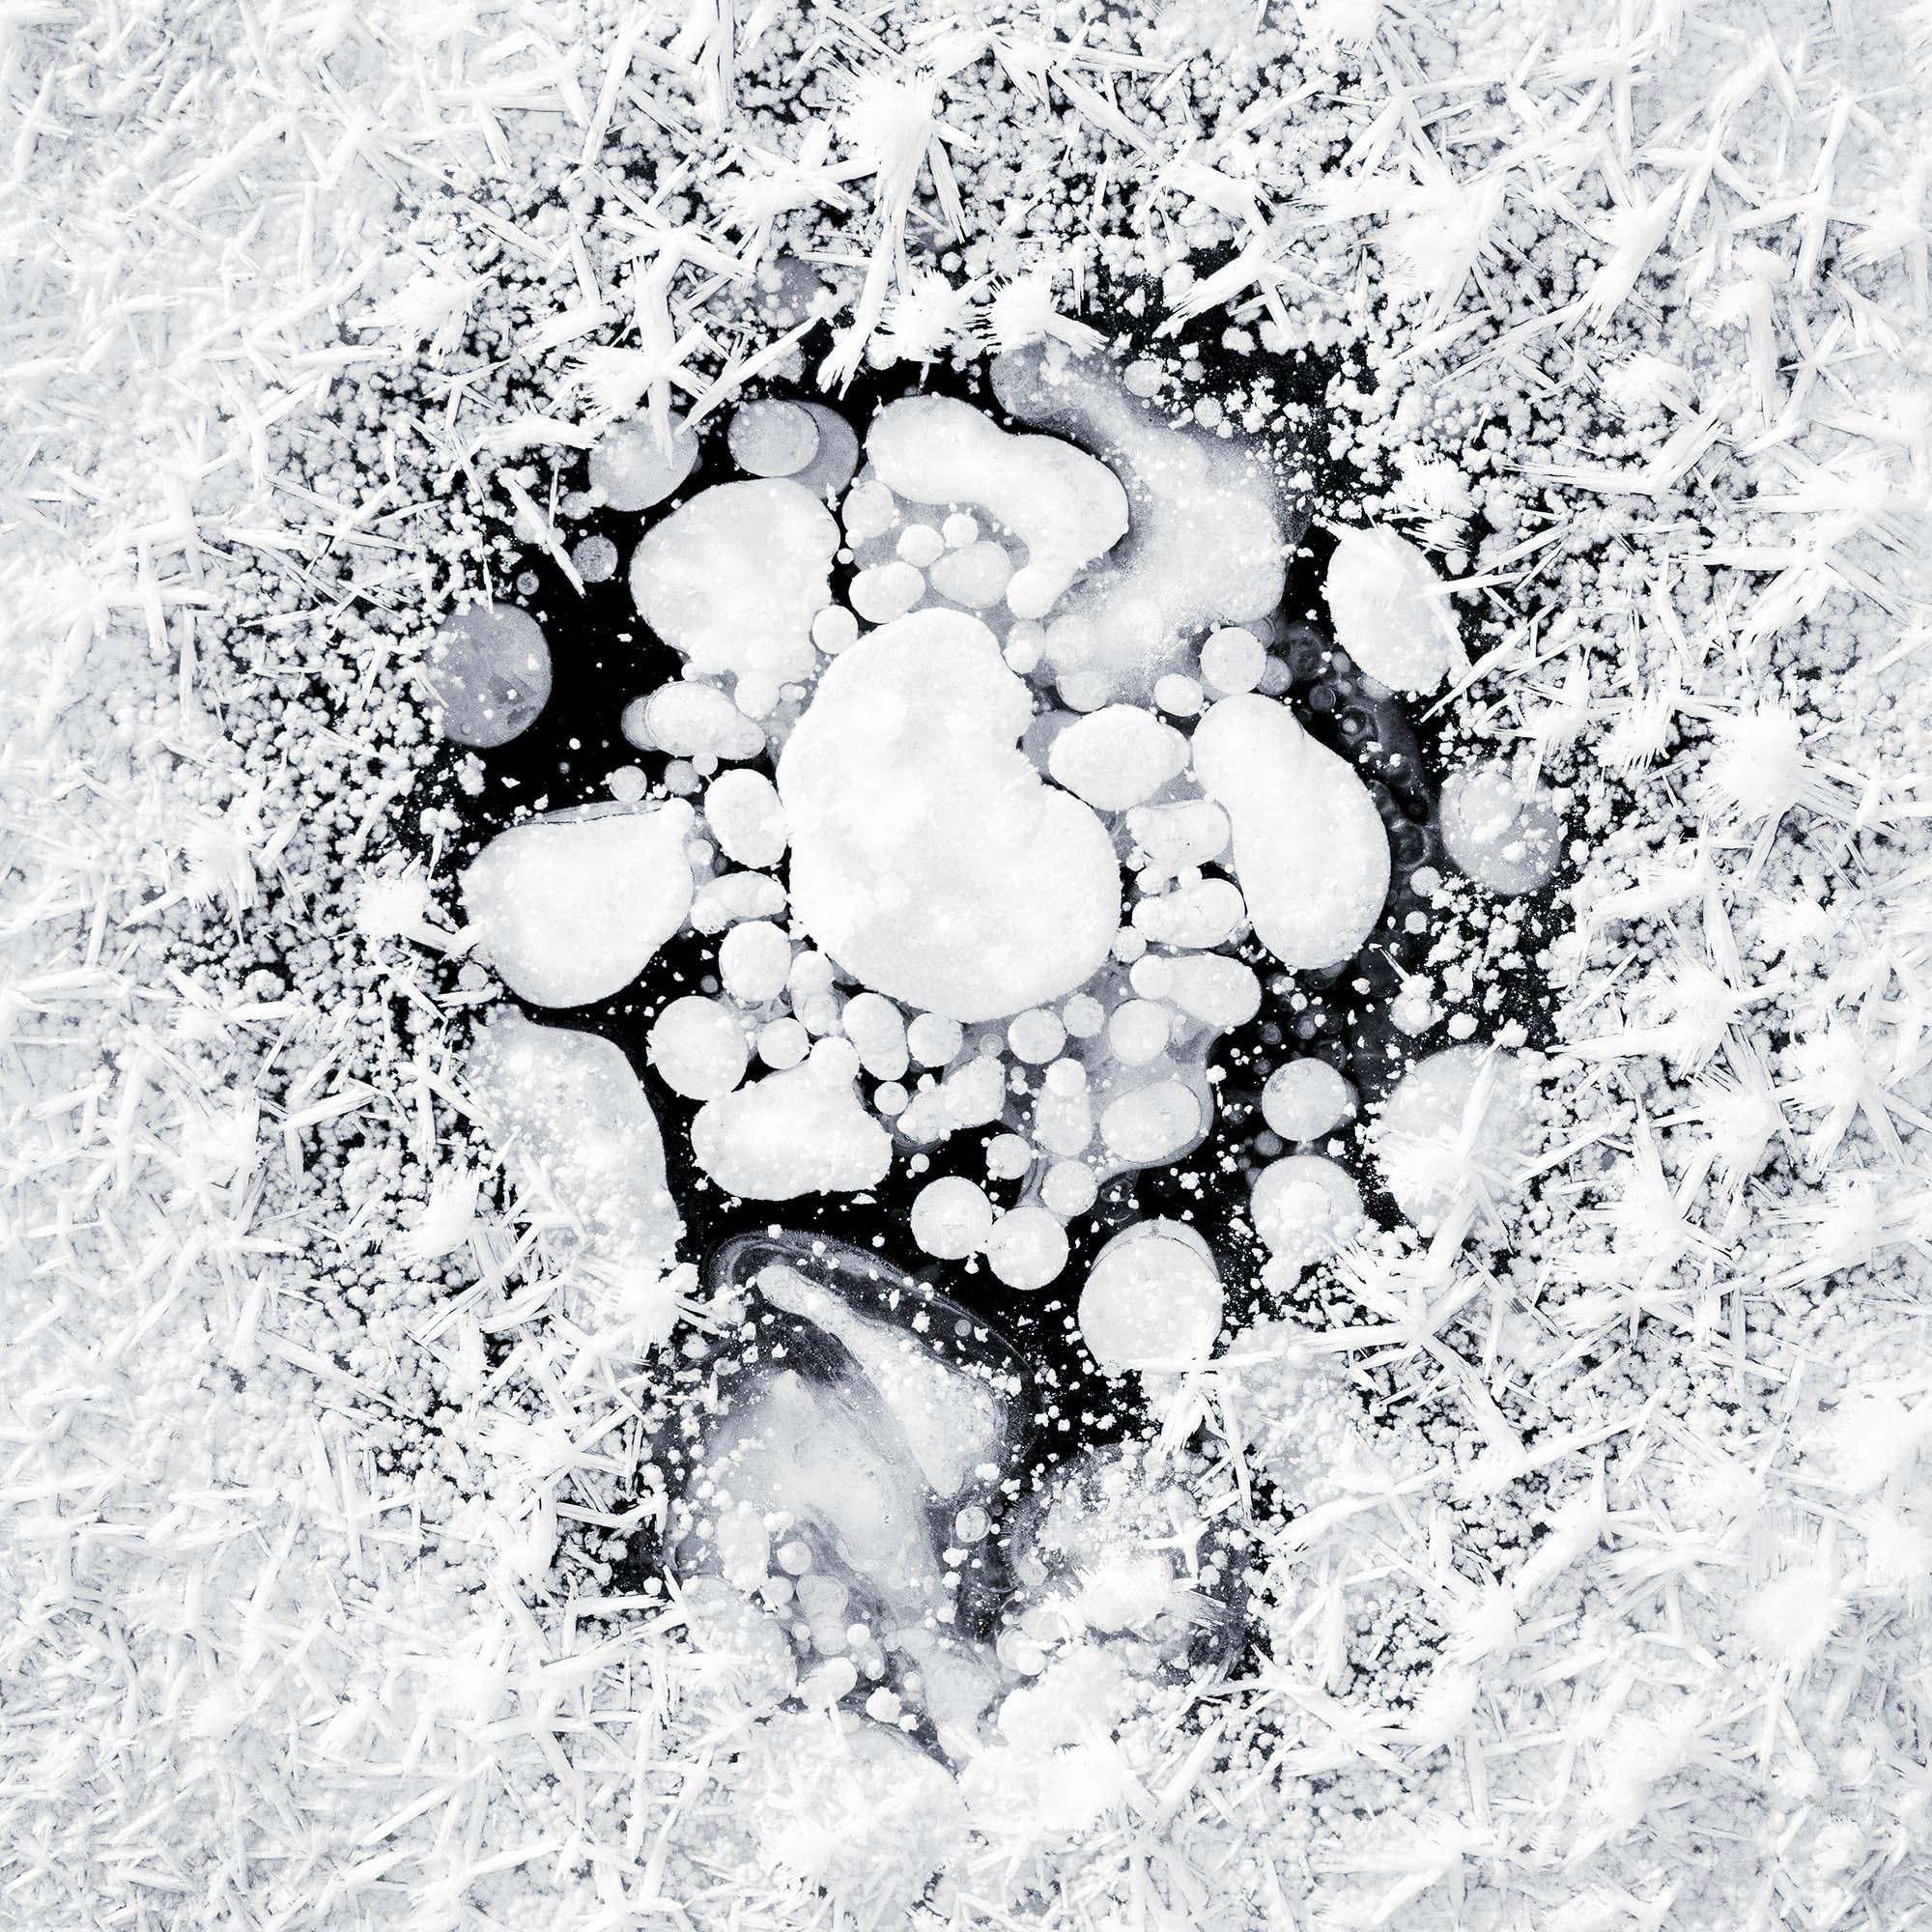 iGNANT-Photography-Ryoto-Kajita-Ice-Formations-002